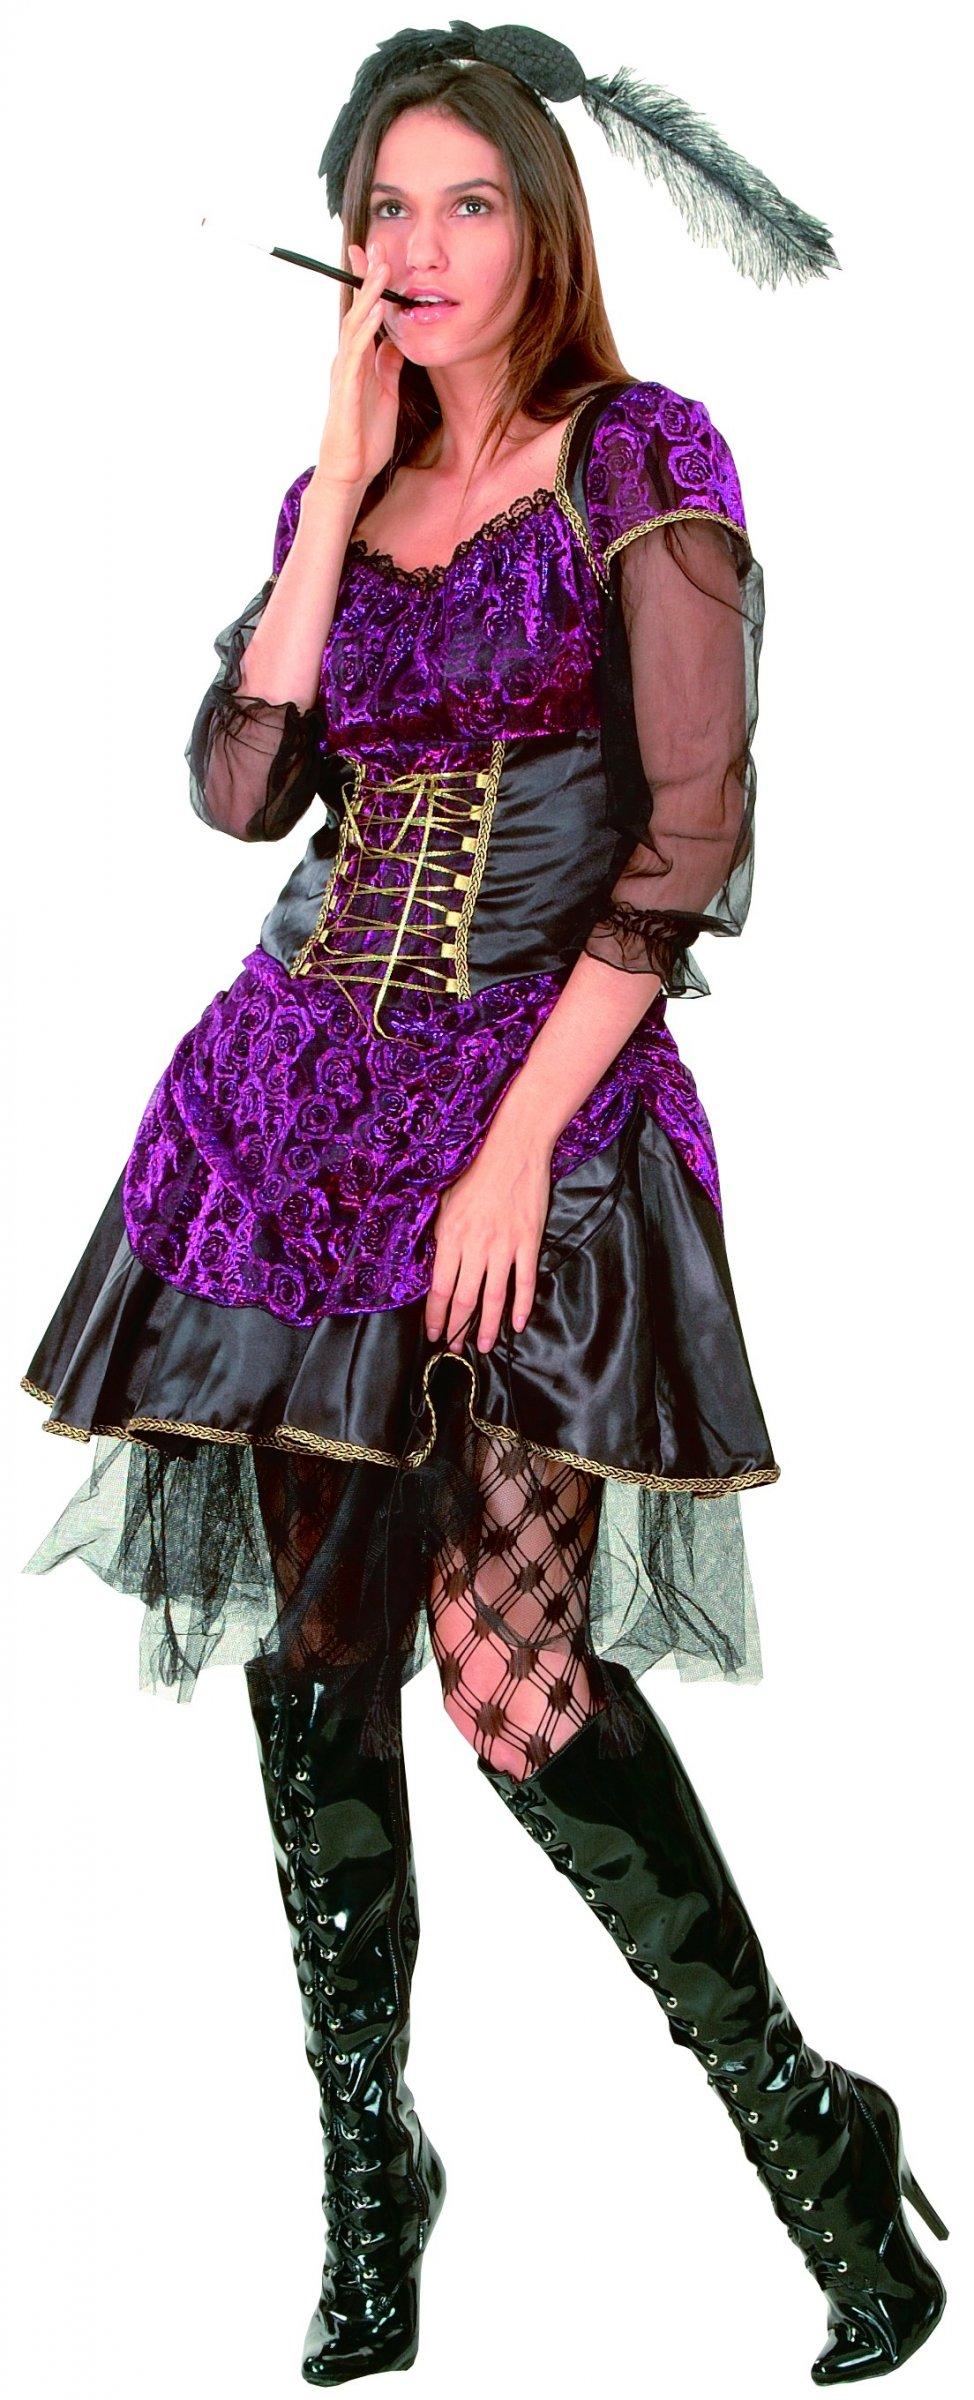 d guisement cabaret saloon costume danseuse cabaret pas cher soir e th me. Black Bedroom Furniture Sets. Home Design Ideas